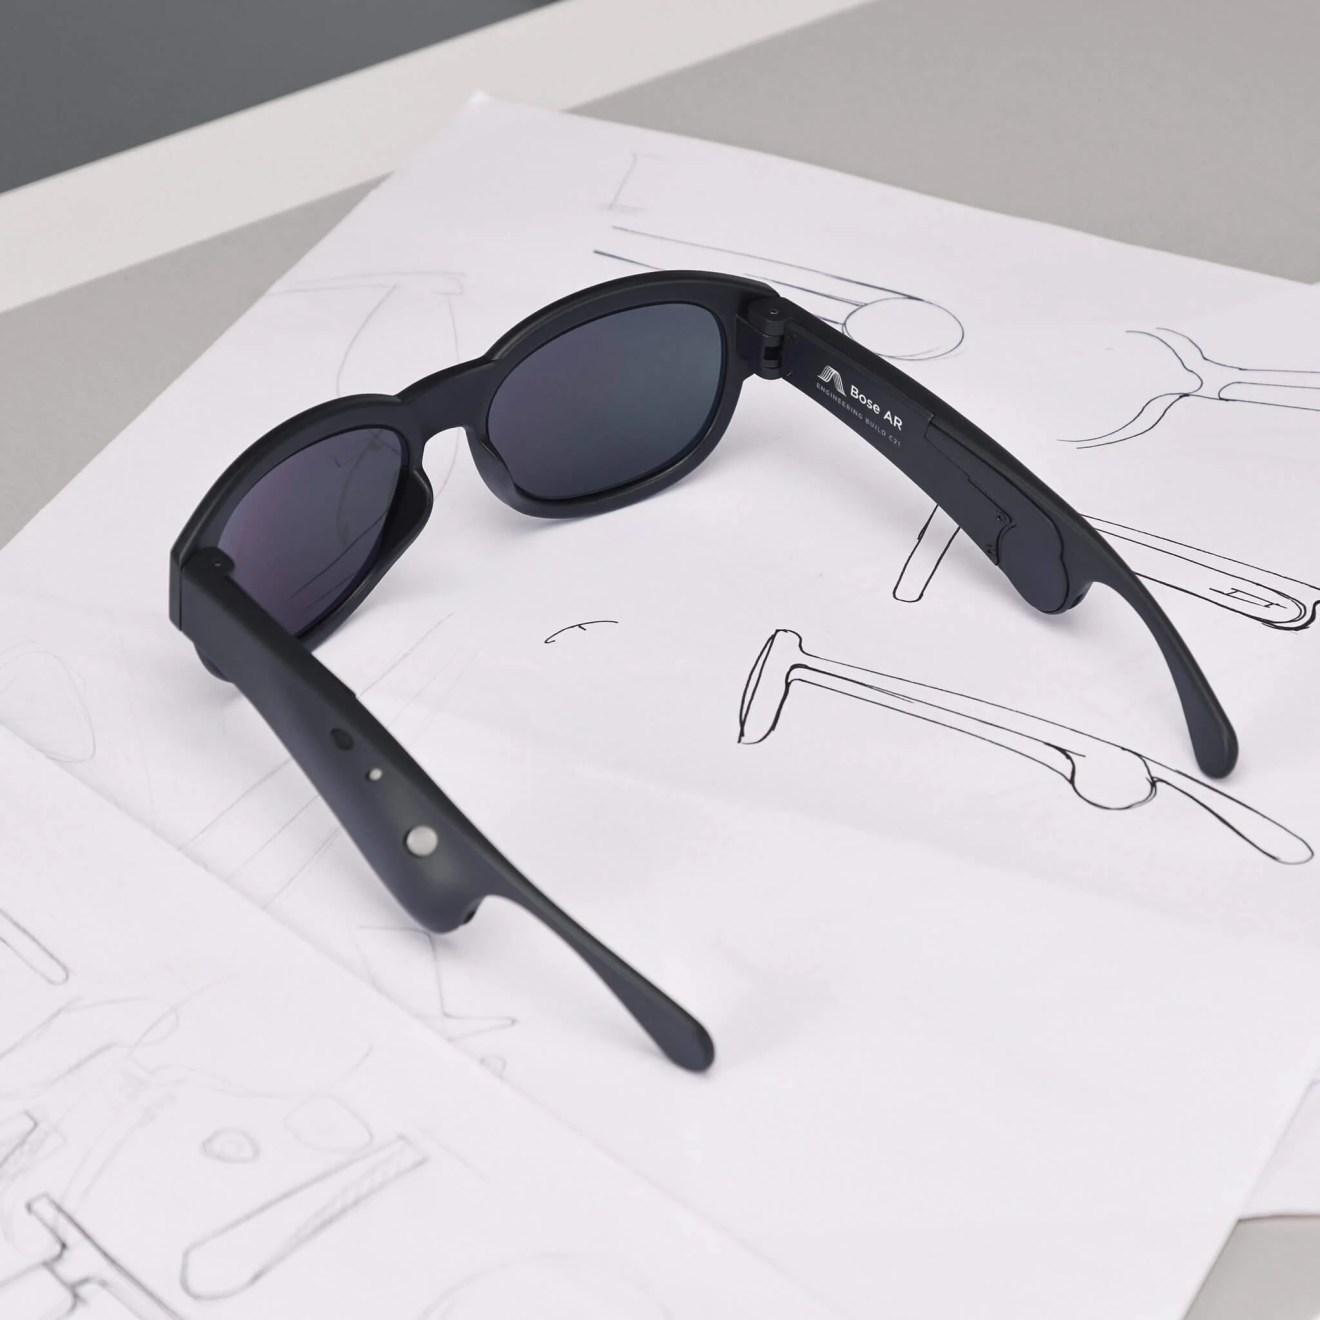 Bose AR Prototype Glasses 2 - Óculos inteligentes permitem controlar a música com movimentos da cabeça